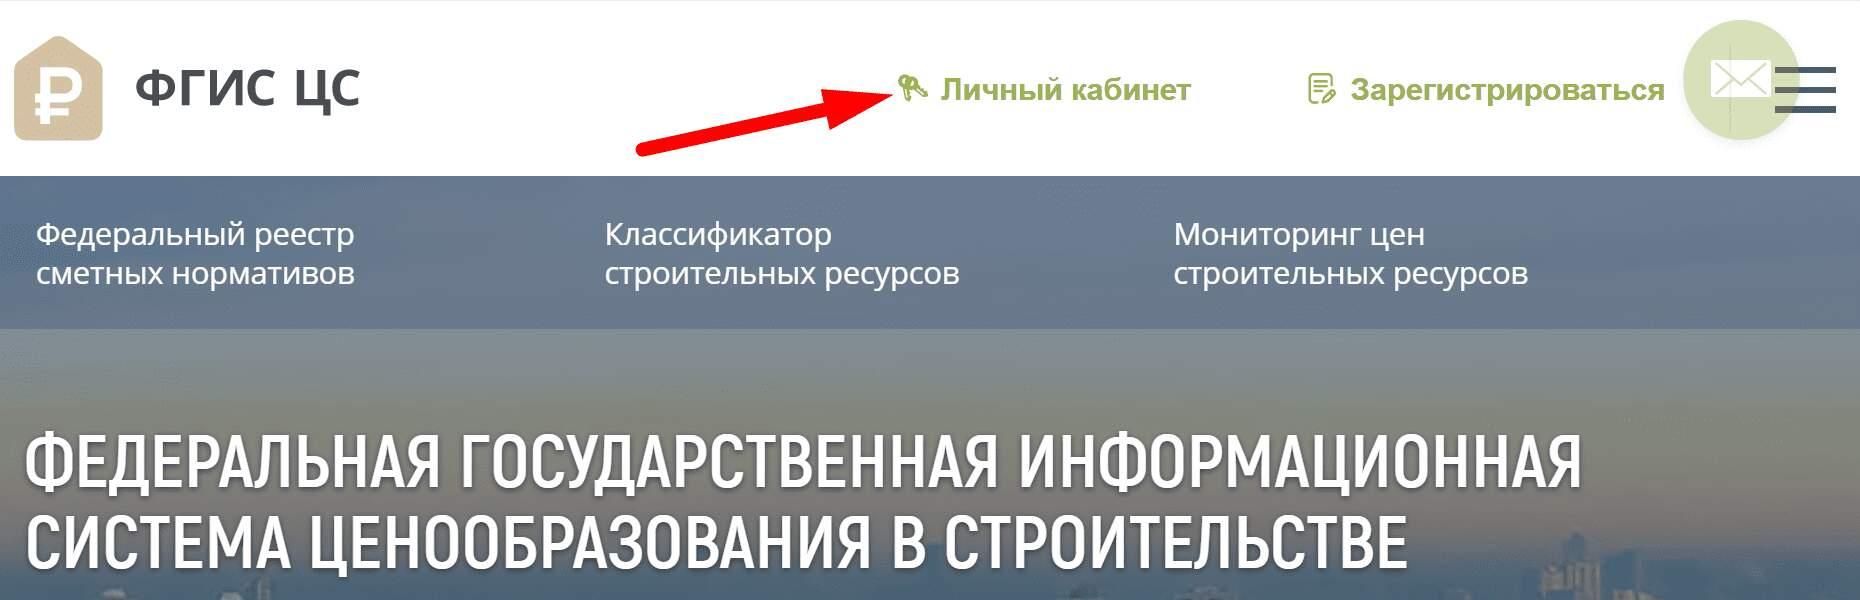 Официальный сайт системы «ФГИС ЦС»